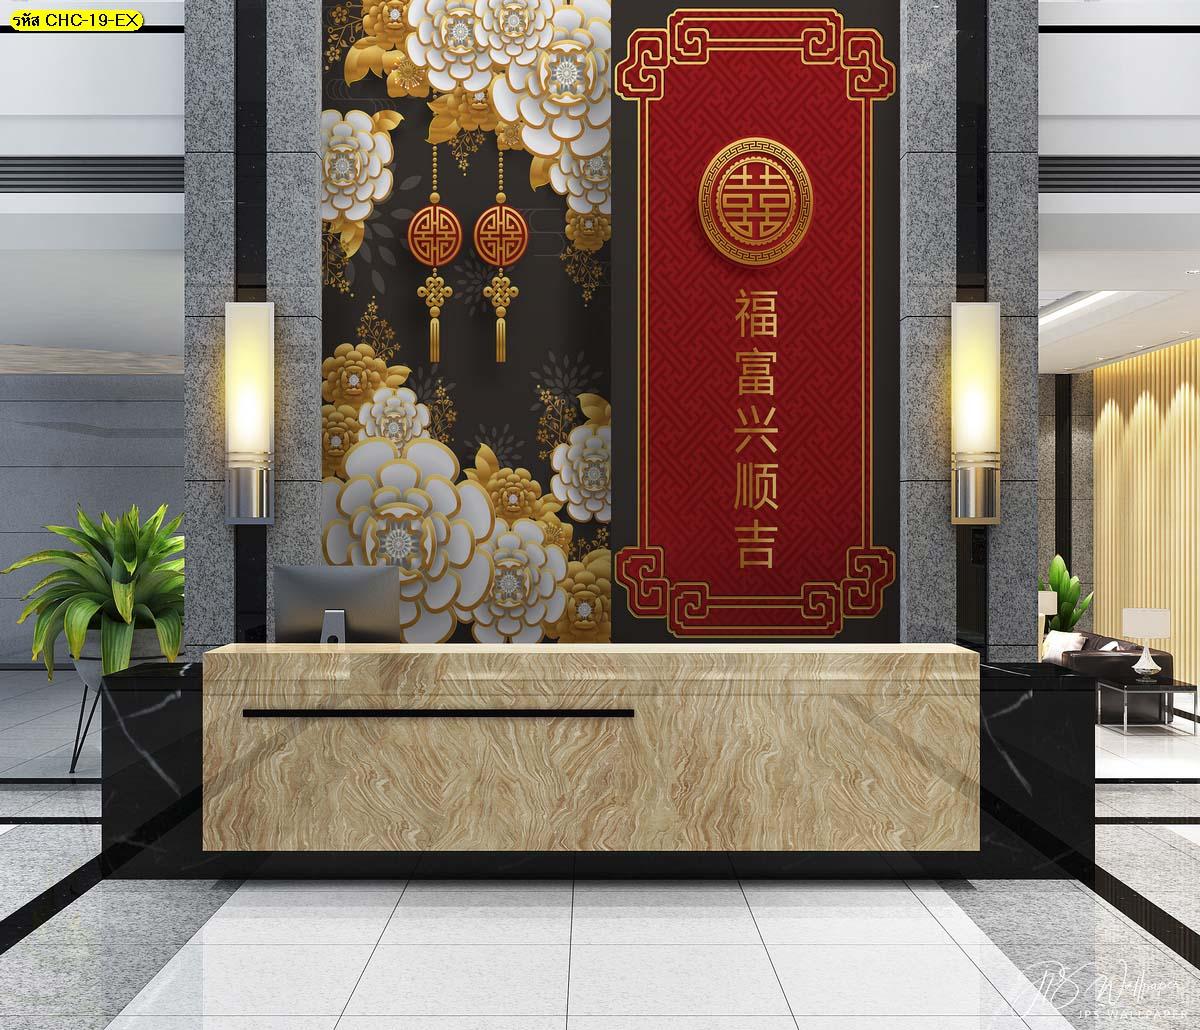 ภาพติดล็อบบี้สไตล์จีน แต่งโรงแรมสไตล์จีนเสริมสิริมงคล วัสดุวอลเปเปอร์แต่งบ้านสไตล์จีน